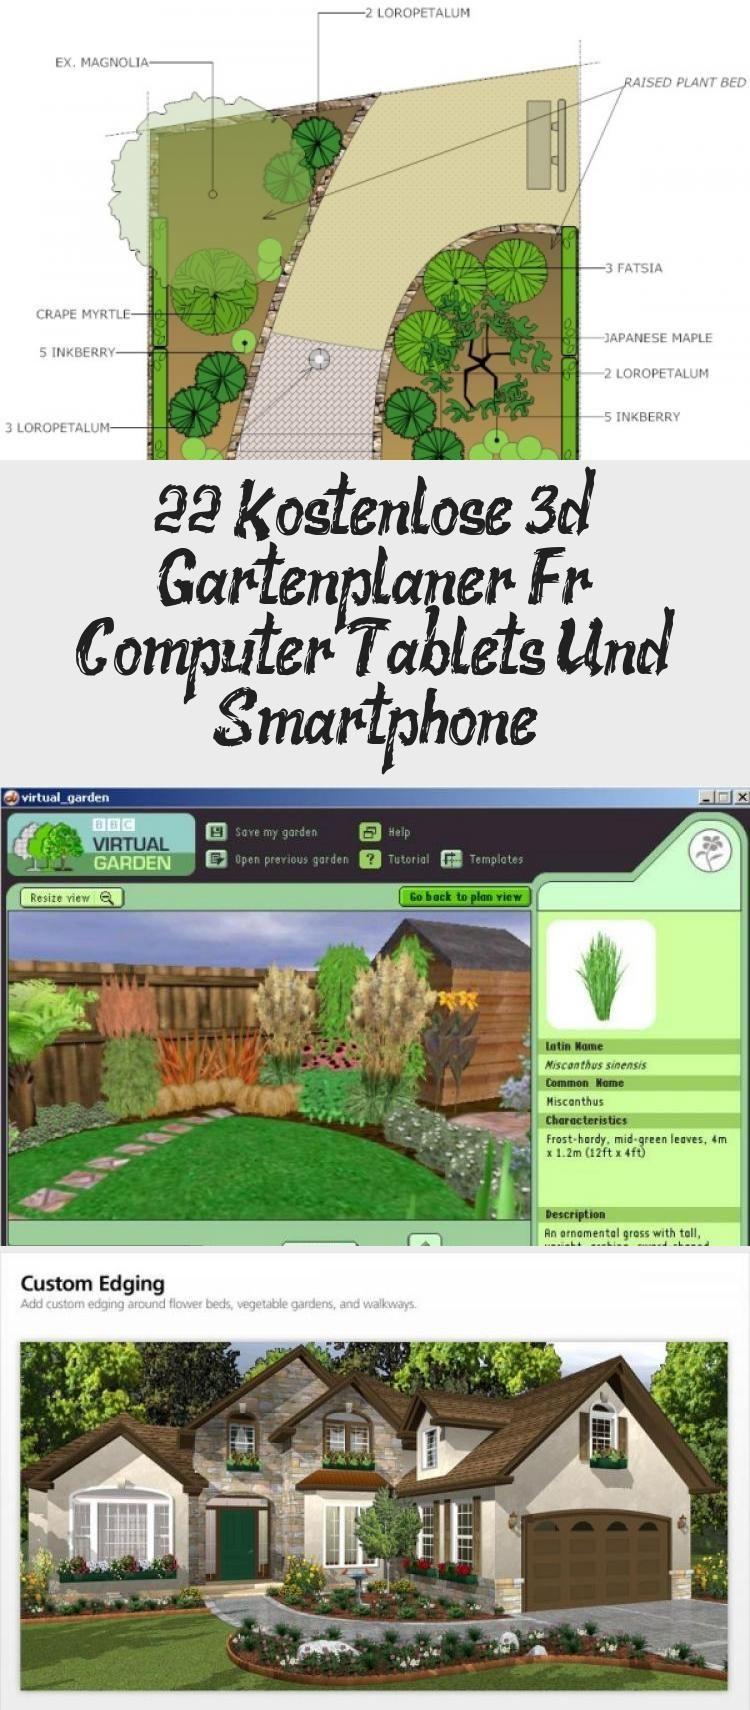 22 Kostenlose 3d Gartenplaner Fur Computer Tablets Und Smartphone In 2020 Landschaftsbau Bepflanzung Gartenplanung